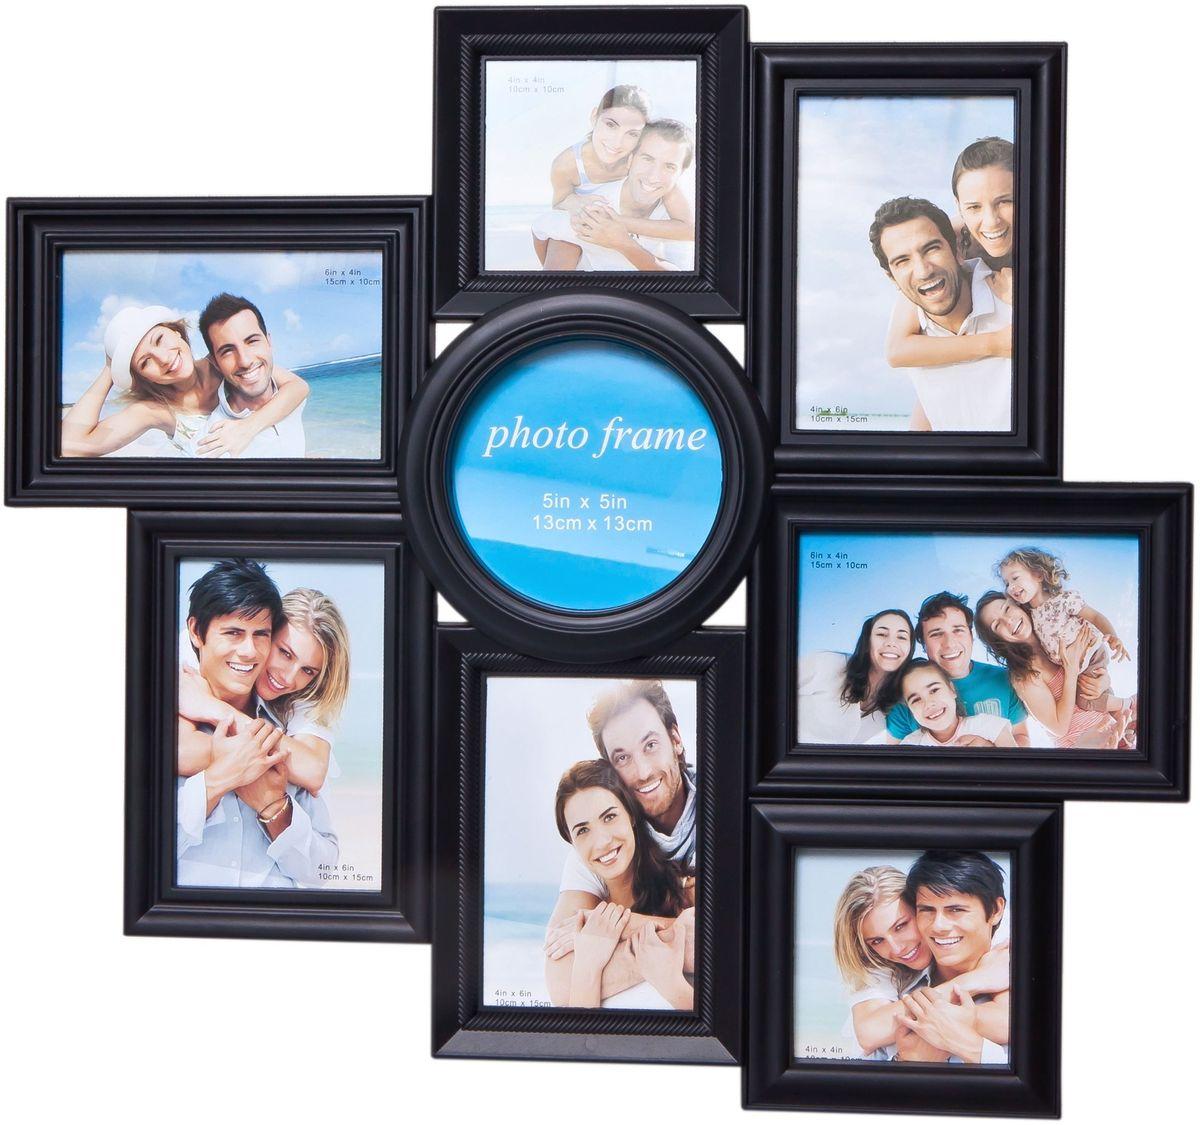 Фоторамка Platinum, цвет: черный, на 8 фото. BH-1408PLATINUM BH-1408-Black-ЧёрныйФоторамка Platinum - прекрасный способ красиво оформить ваши фотографии. Фоторамка выполнена из пластика и защищена стеклом.Фоторамка-коллаж представляет собой восемь фоторамок для фото разного размера оригинально соединенных между собой. Такая фоторамка поможет сохранить в памяти самые яркие моменты вашей жизни, а стильный дизайн сделает ее прекрасным дополнением интерьера комнаты.Фоторамка подходит для 5 фото 10 х 15 см, 1 фото 13 х 13 см и 2 фото 10 х 10 см. Общий размер фоторамки: 50 х 47 см.